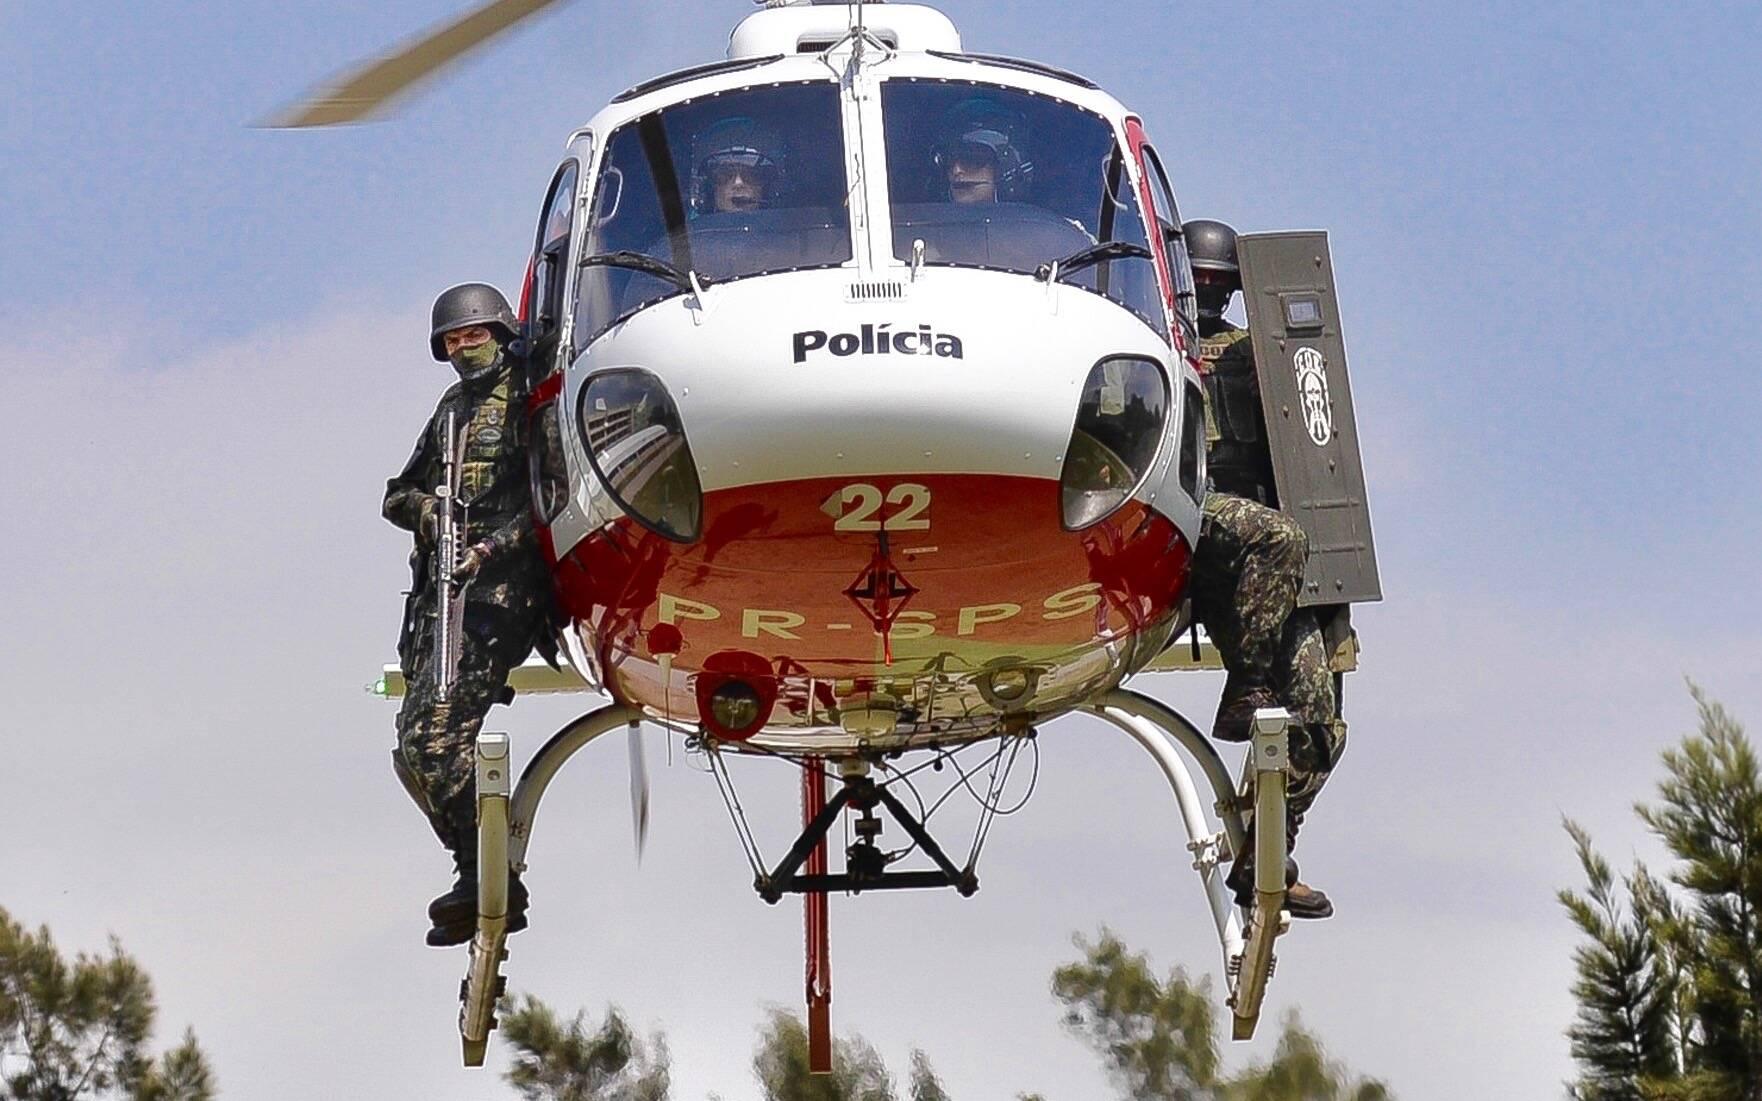 Os PMs do COE estão habilitados a conduzir operações de inserção em helicópteros, tanto em terrenos urbanos e de mata, como em ambientes aquáticos. Foto: Major PM Luis Augusto Pacheco Ambar